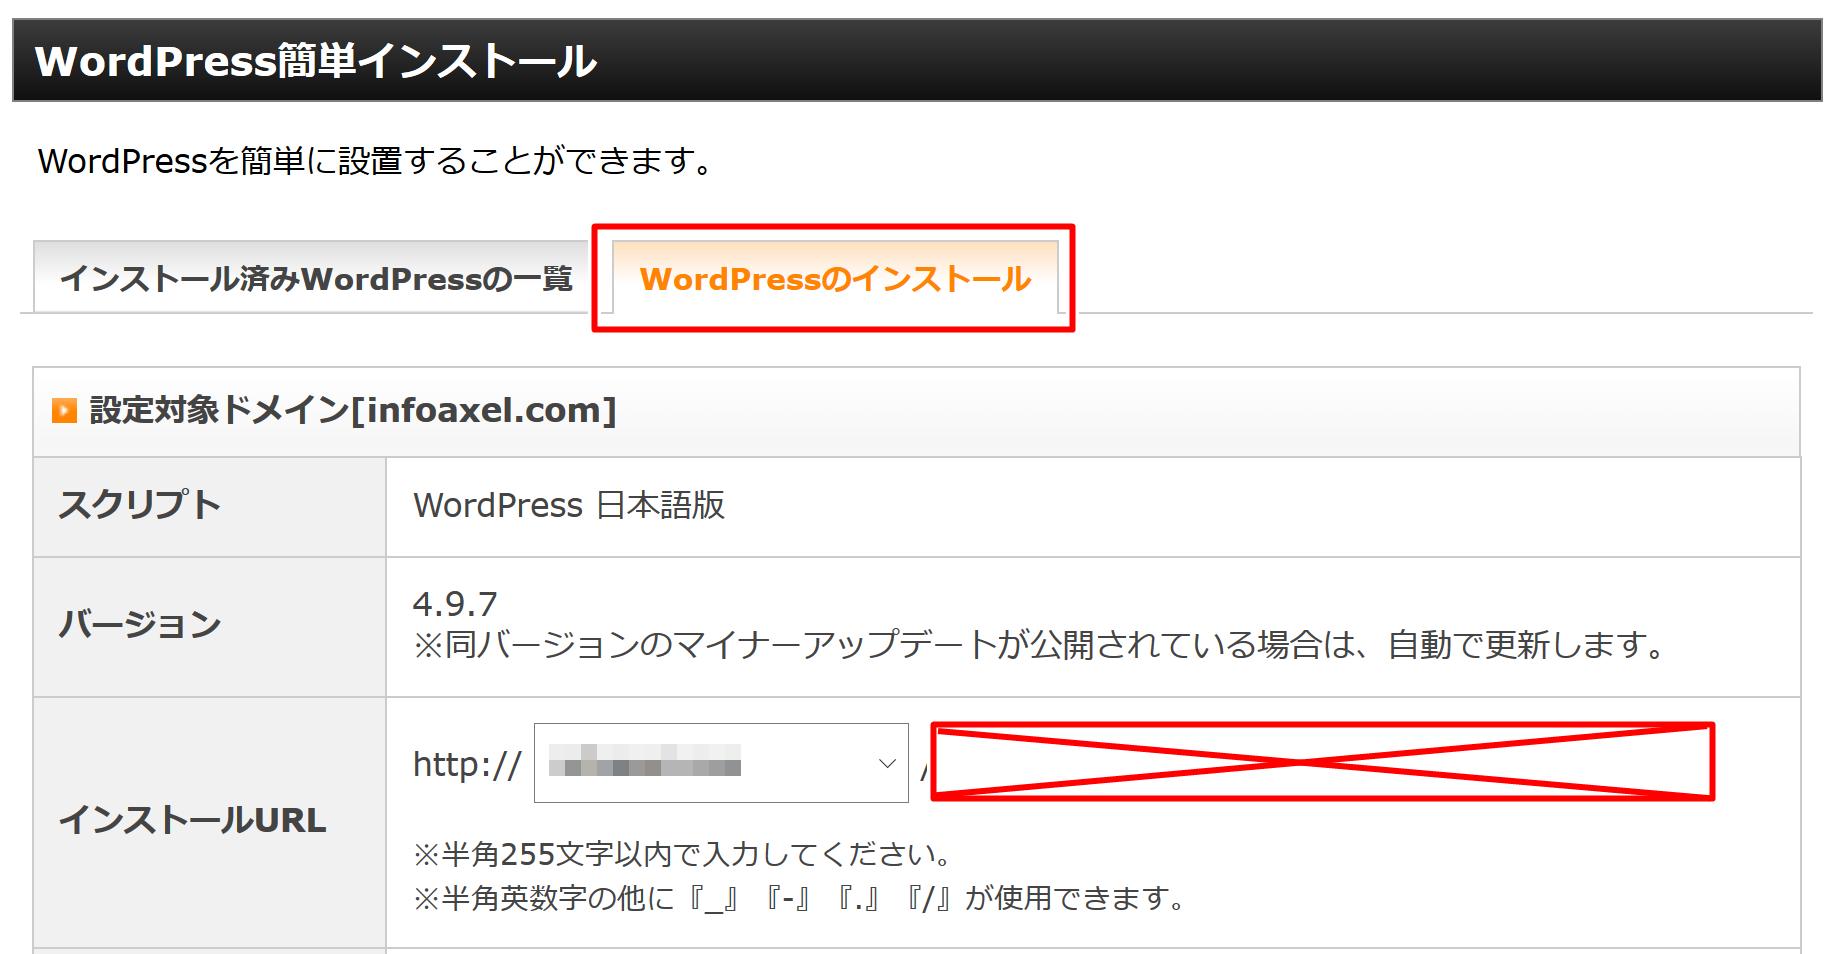 エックスサーバーでWordPress簡単インストール